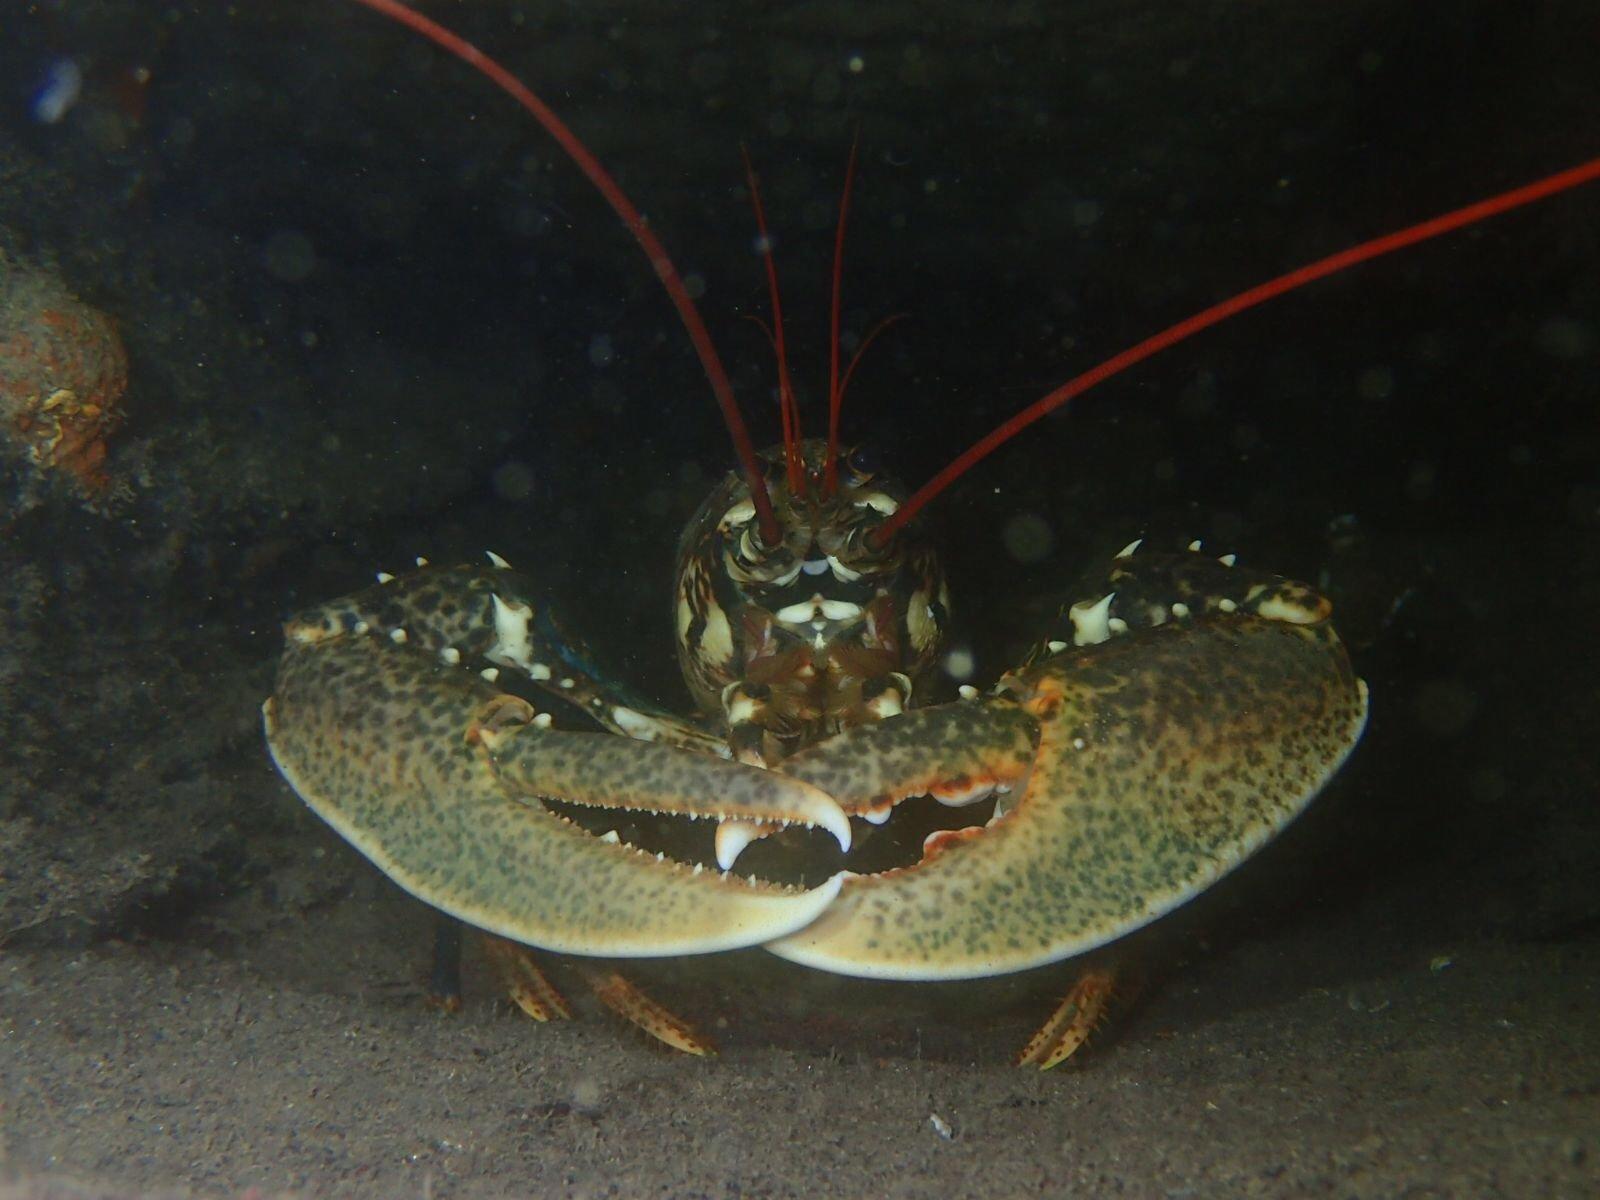 Animales subacuáticos inmersión de buceo